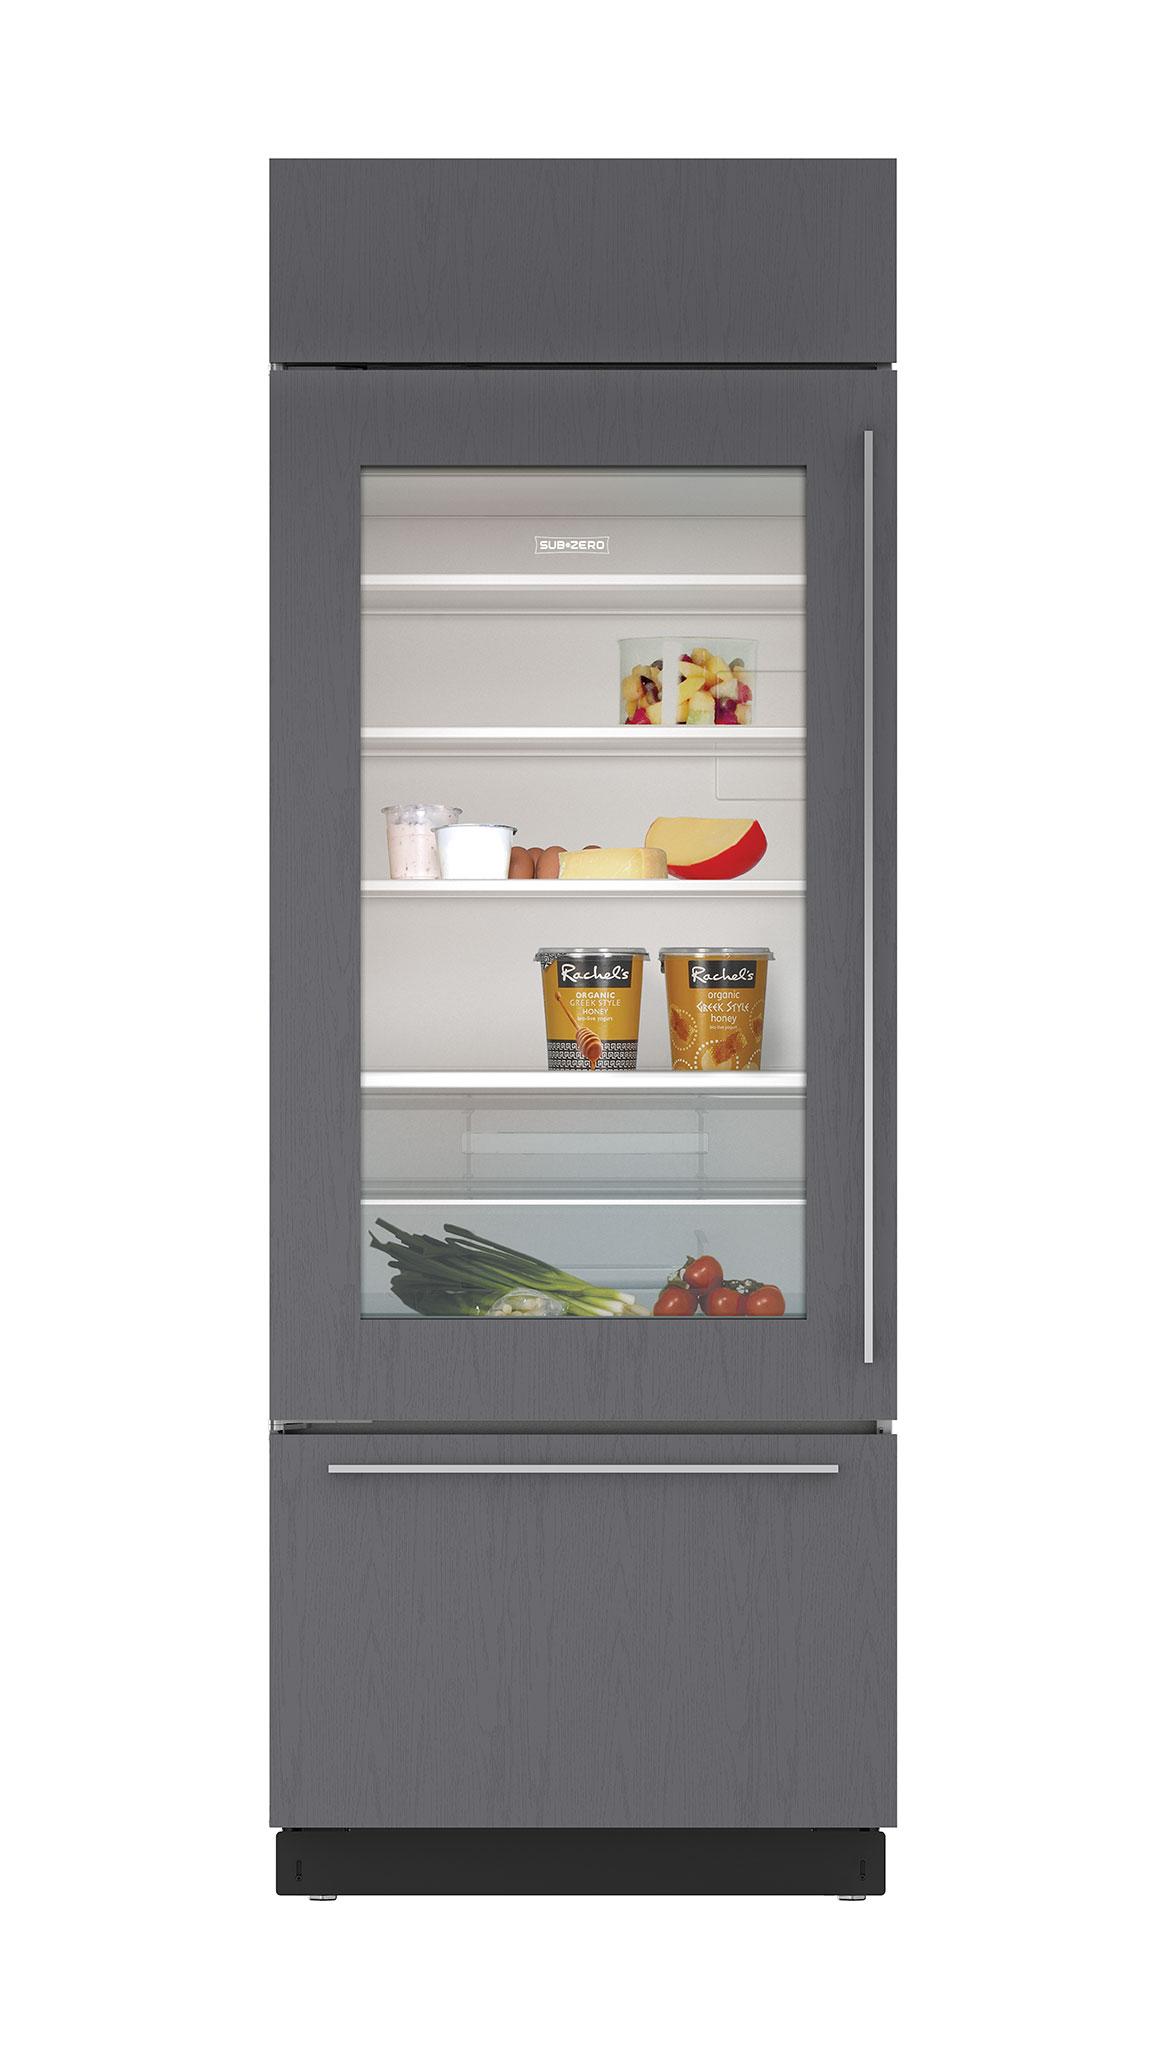 """Sub Zero Glass Door Refrigerator 30"""" built-in over-and-under glass door refrigerator/freezer - panel ready"""